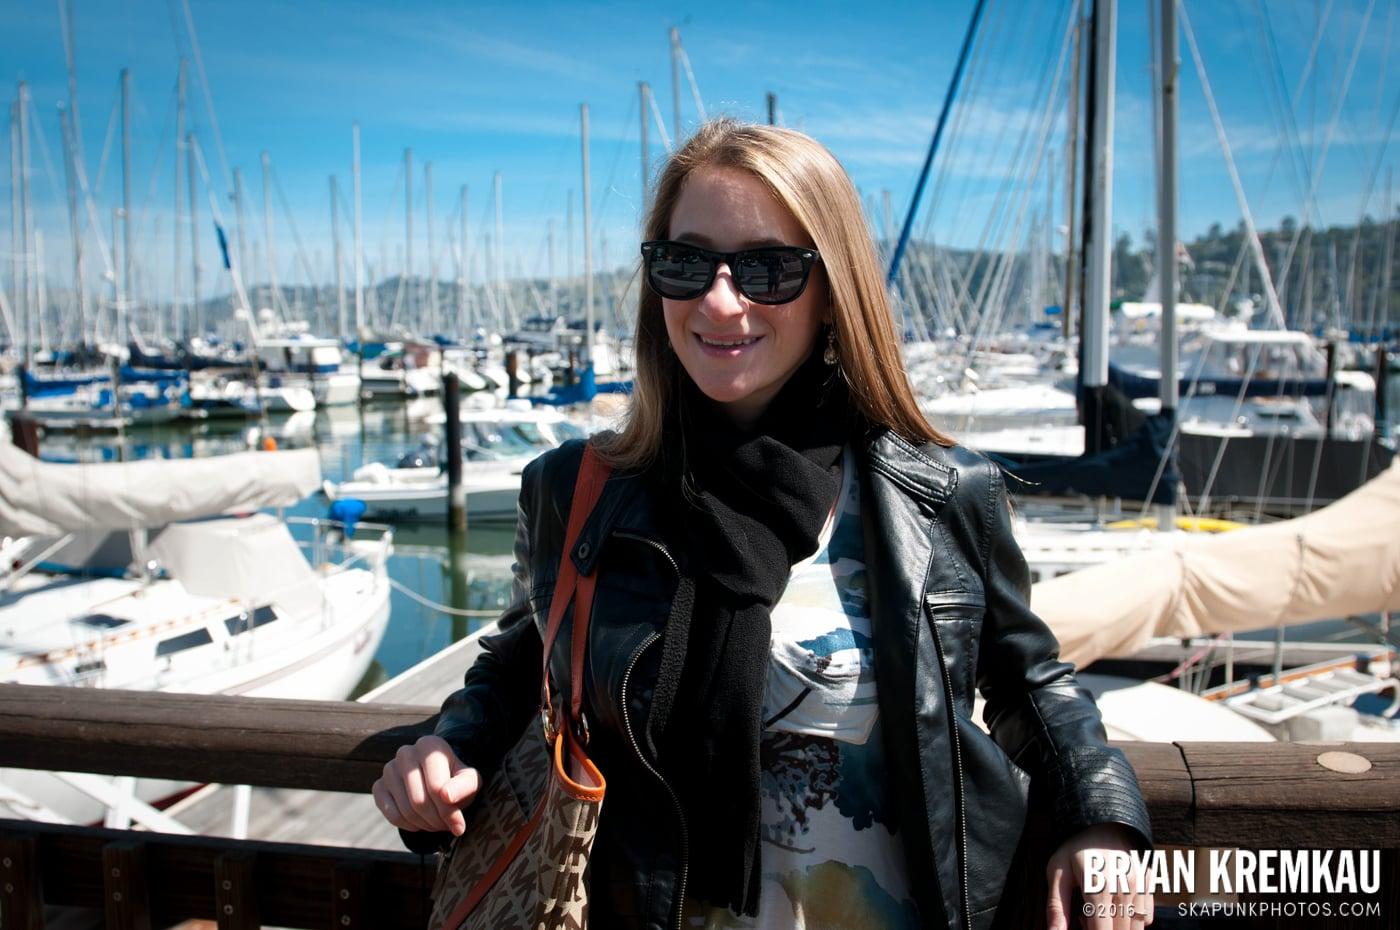 San Francisco Vacation - Day 3 - 4.30.12 (73)